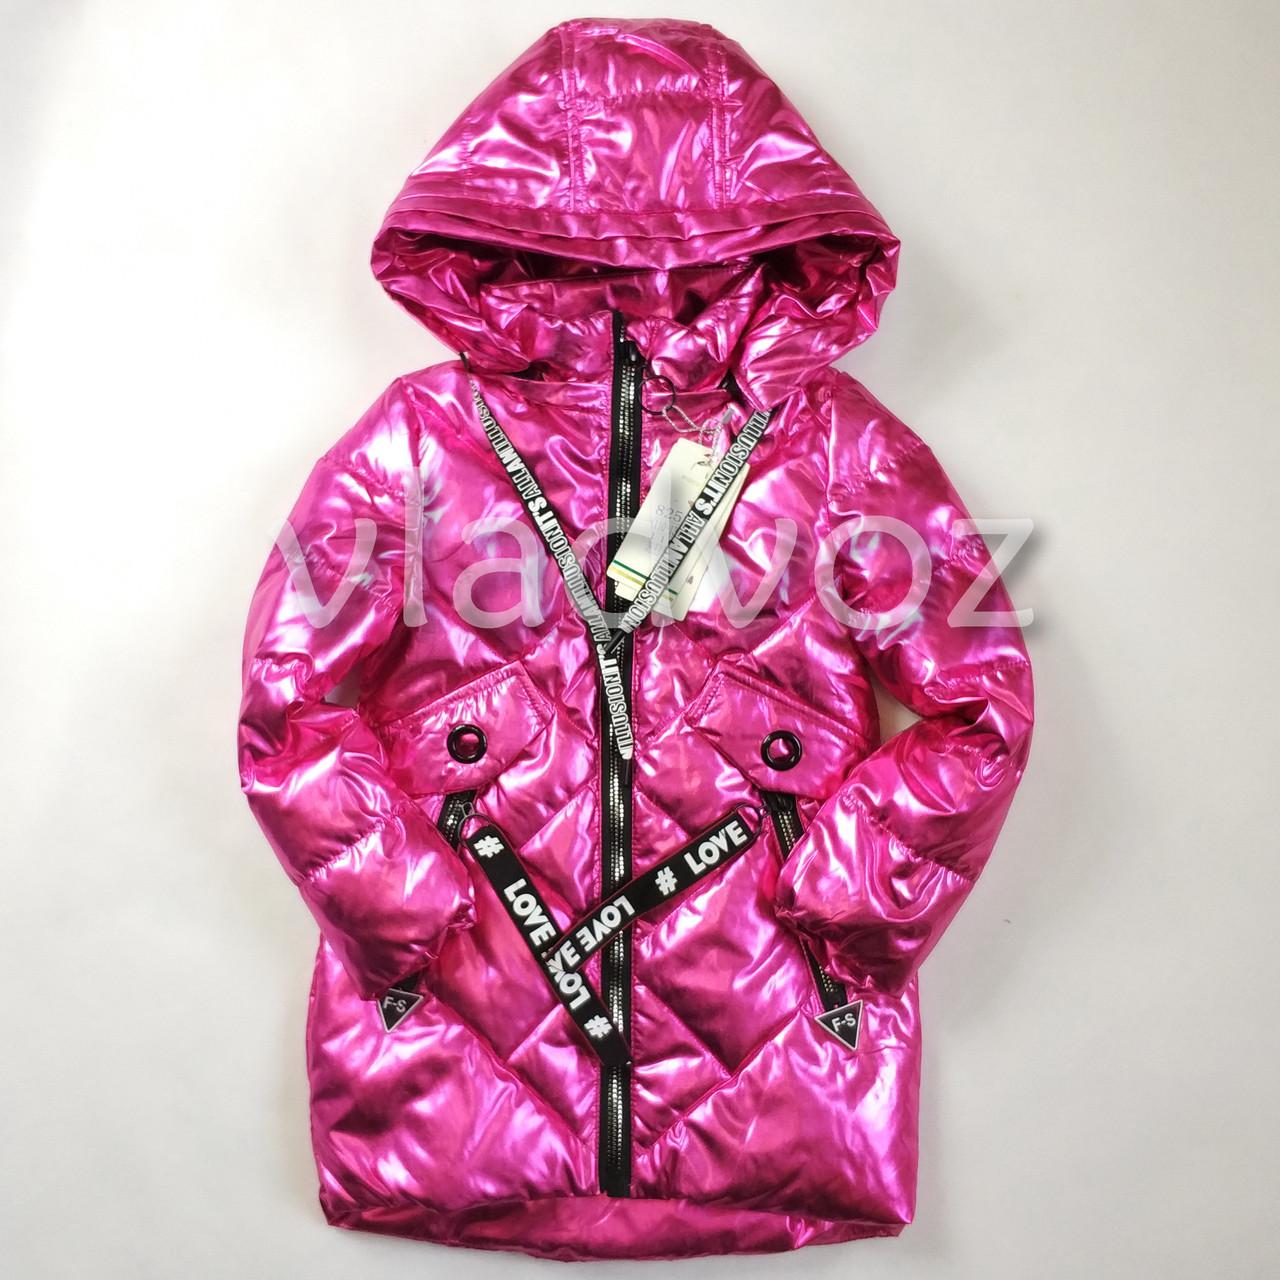 95bf893d609b Детская демисезонная куртка пальто для девочки малиновая 9-10 лет - Bigl.ua